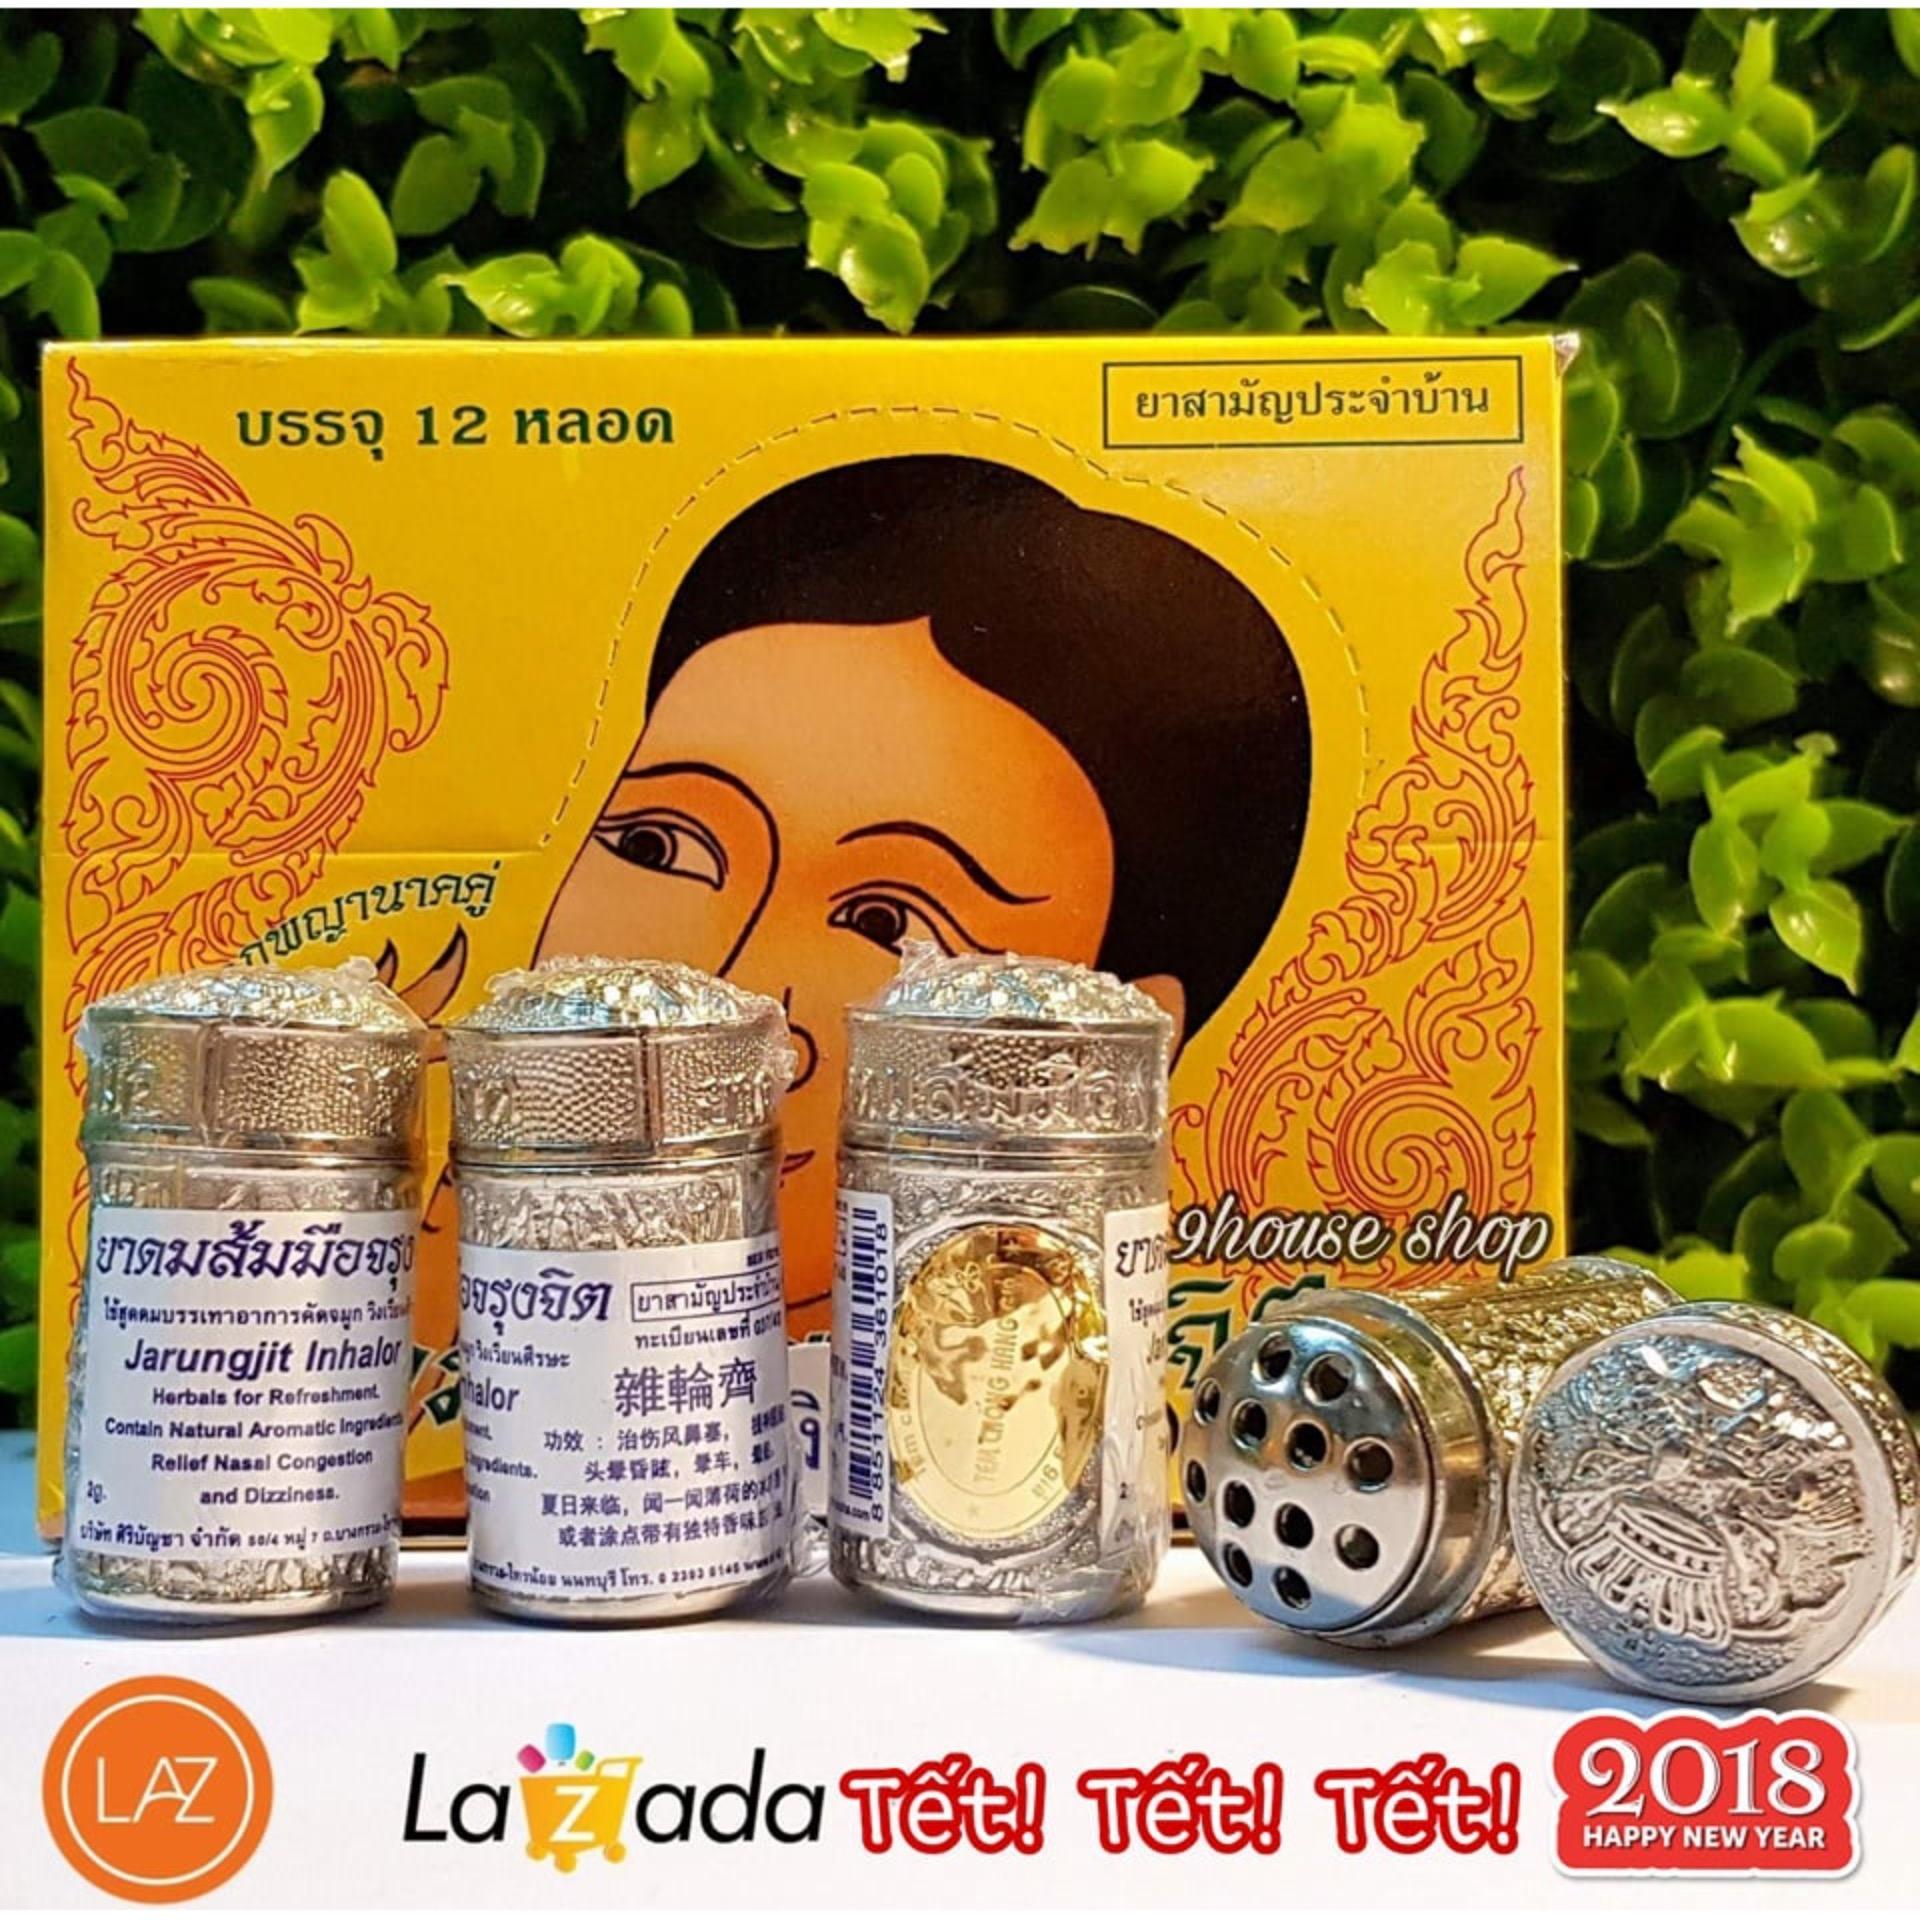 Ống hít xoang (nội địa) Thái Lan màu bạc – công thức thảo dược cung đình Thái